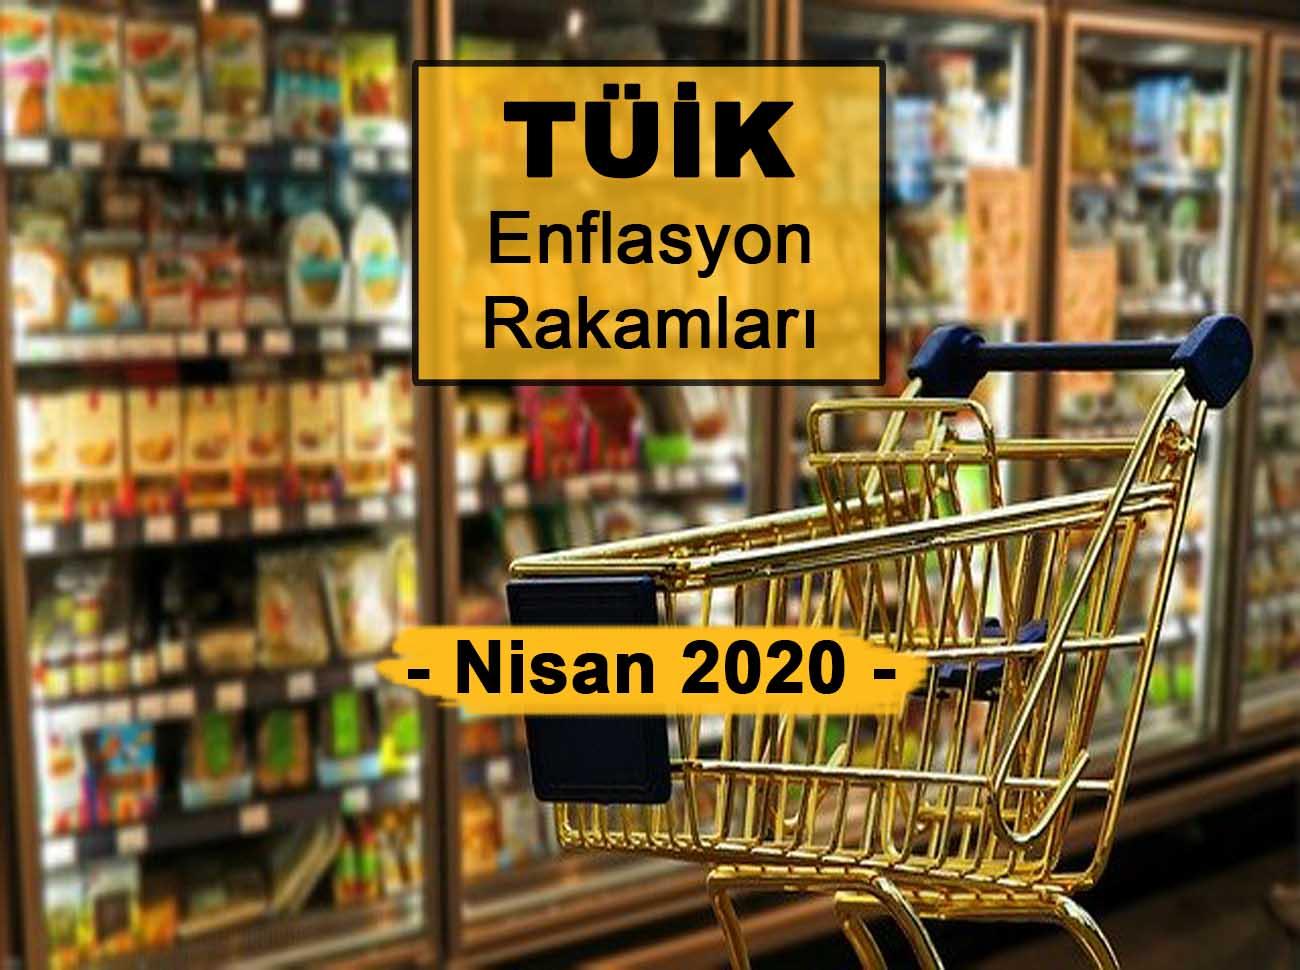 Enflasyon Rakamları Nisan 2020